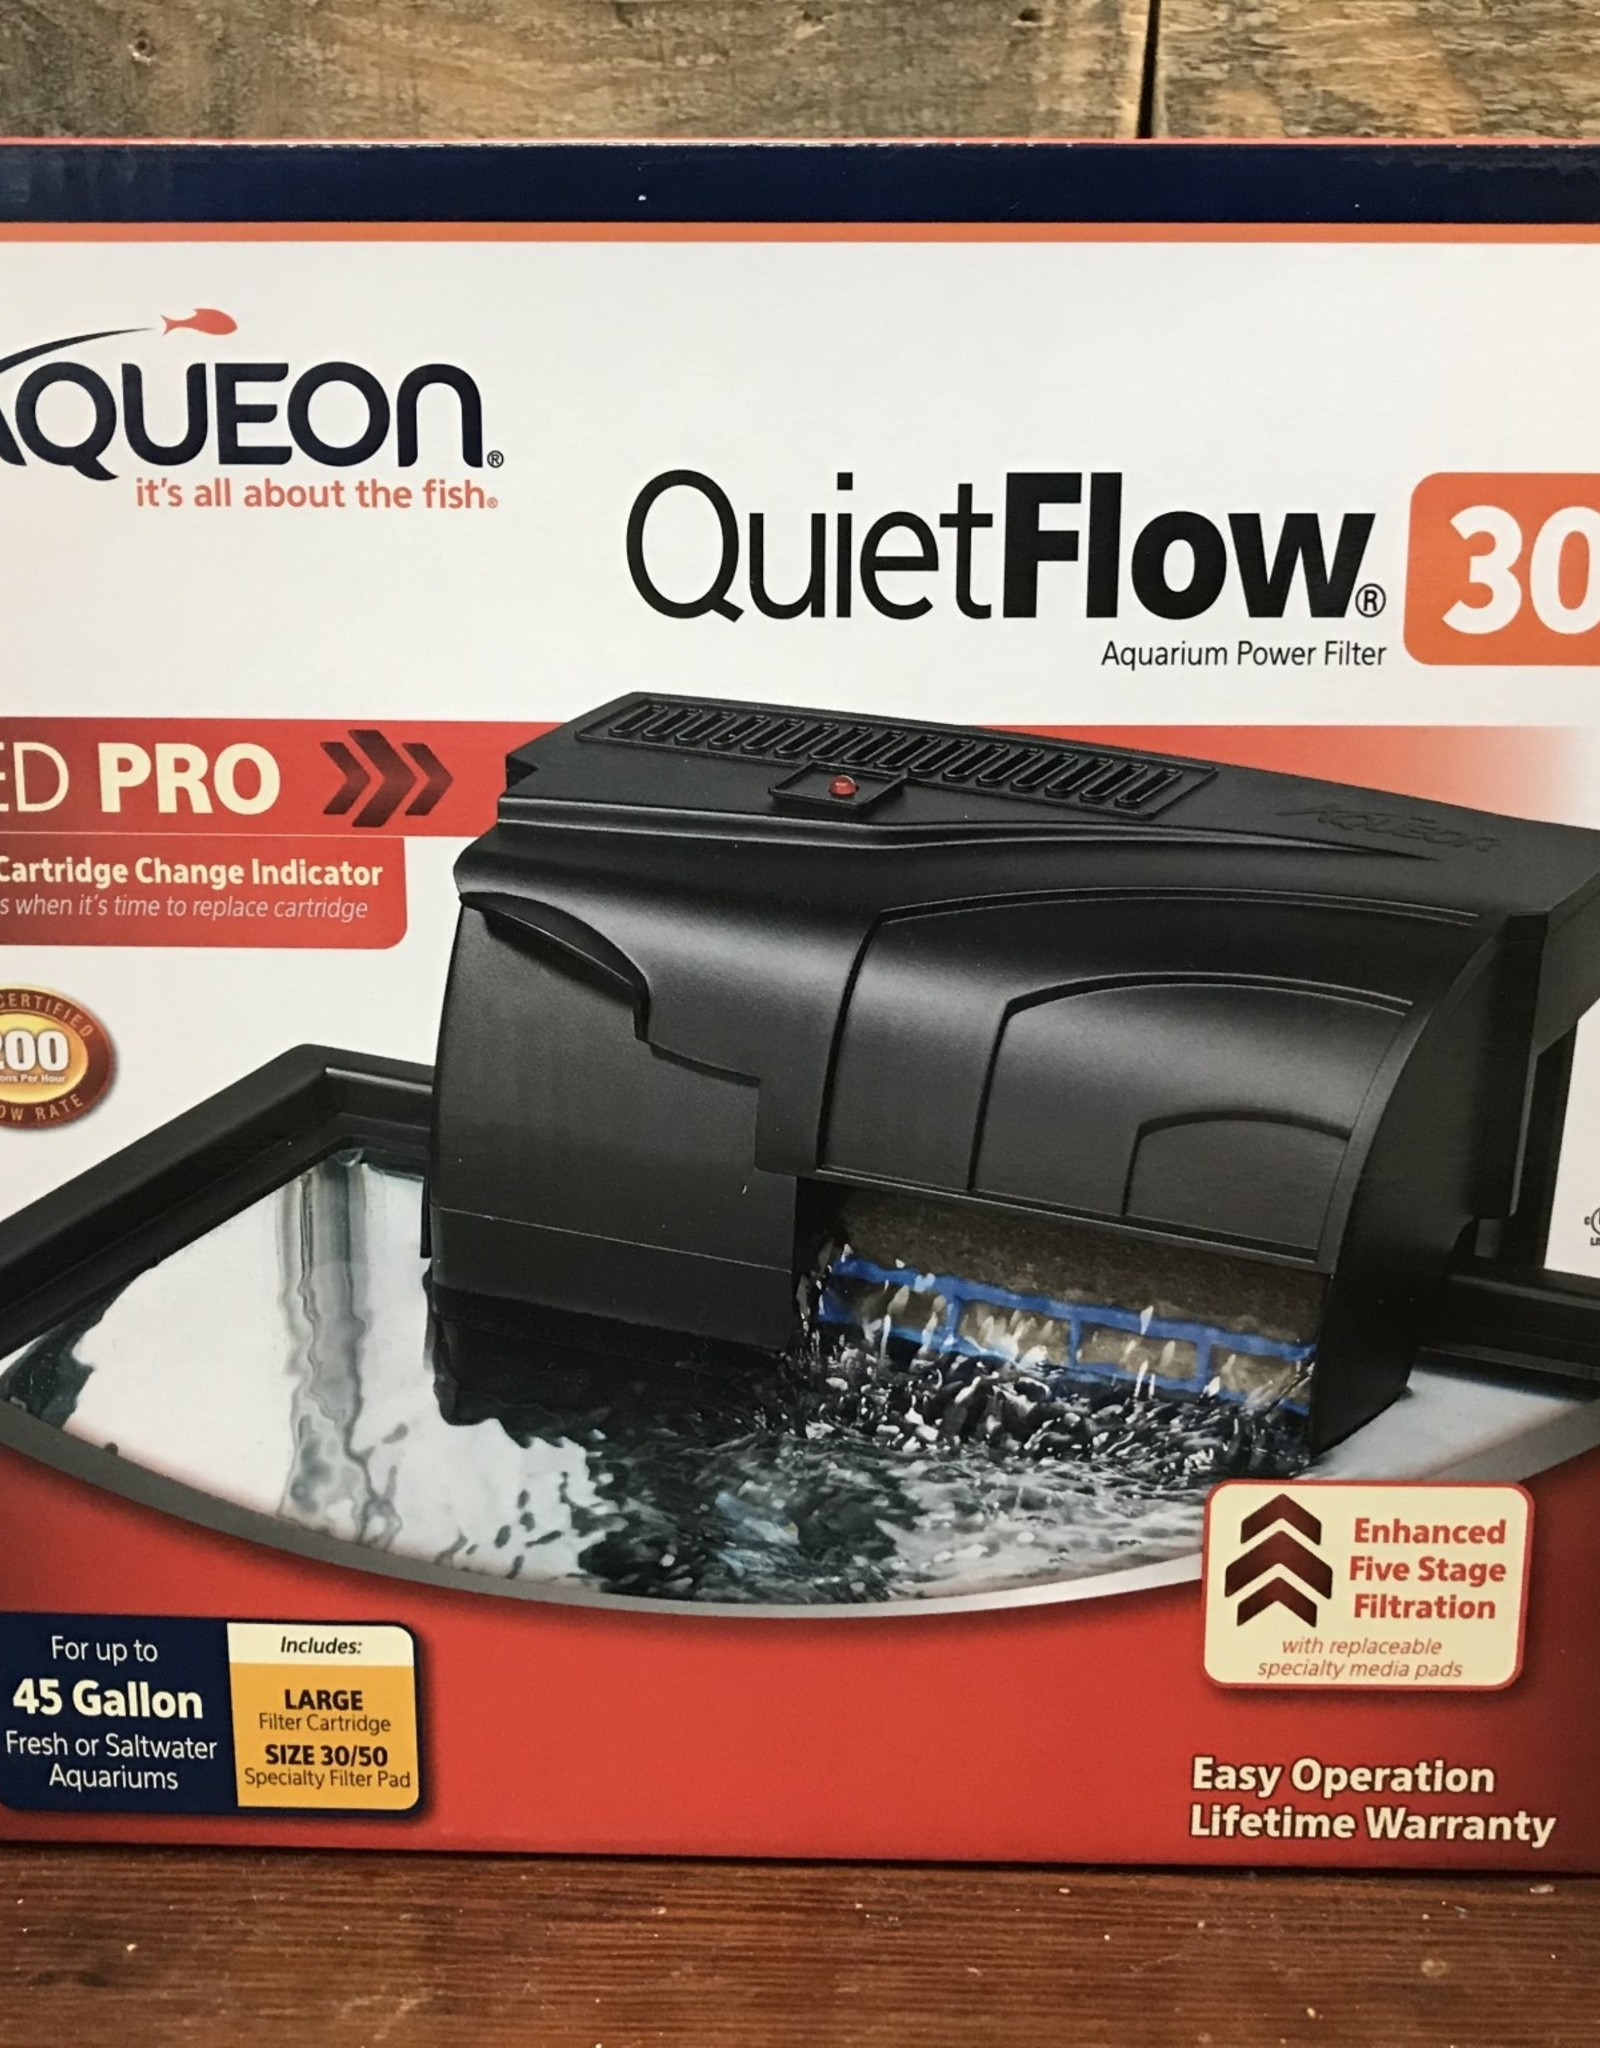 Aqueon Aqueon quiet flow filter 30 led pro